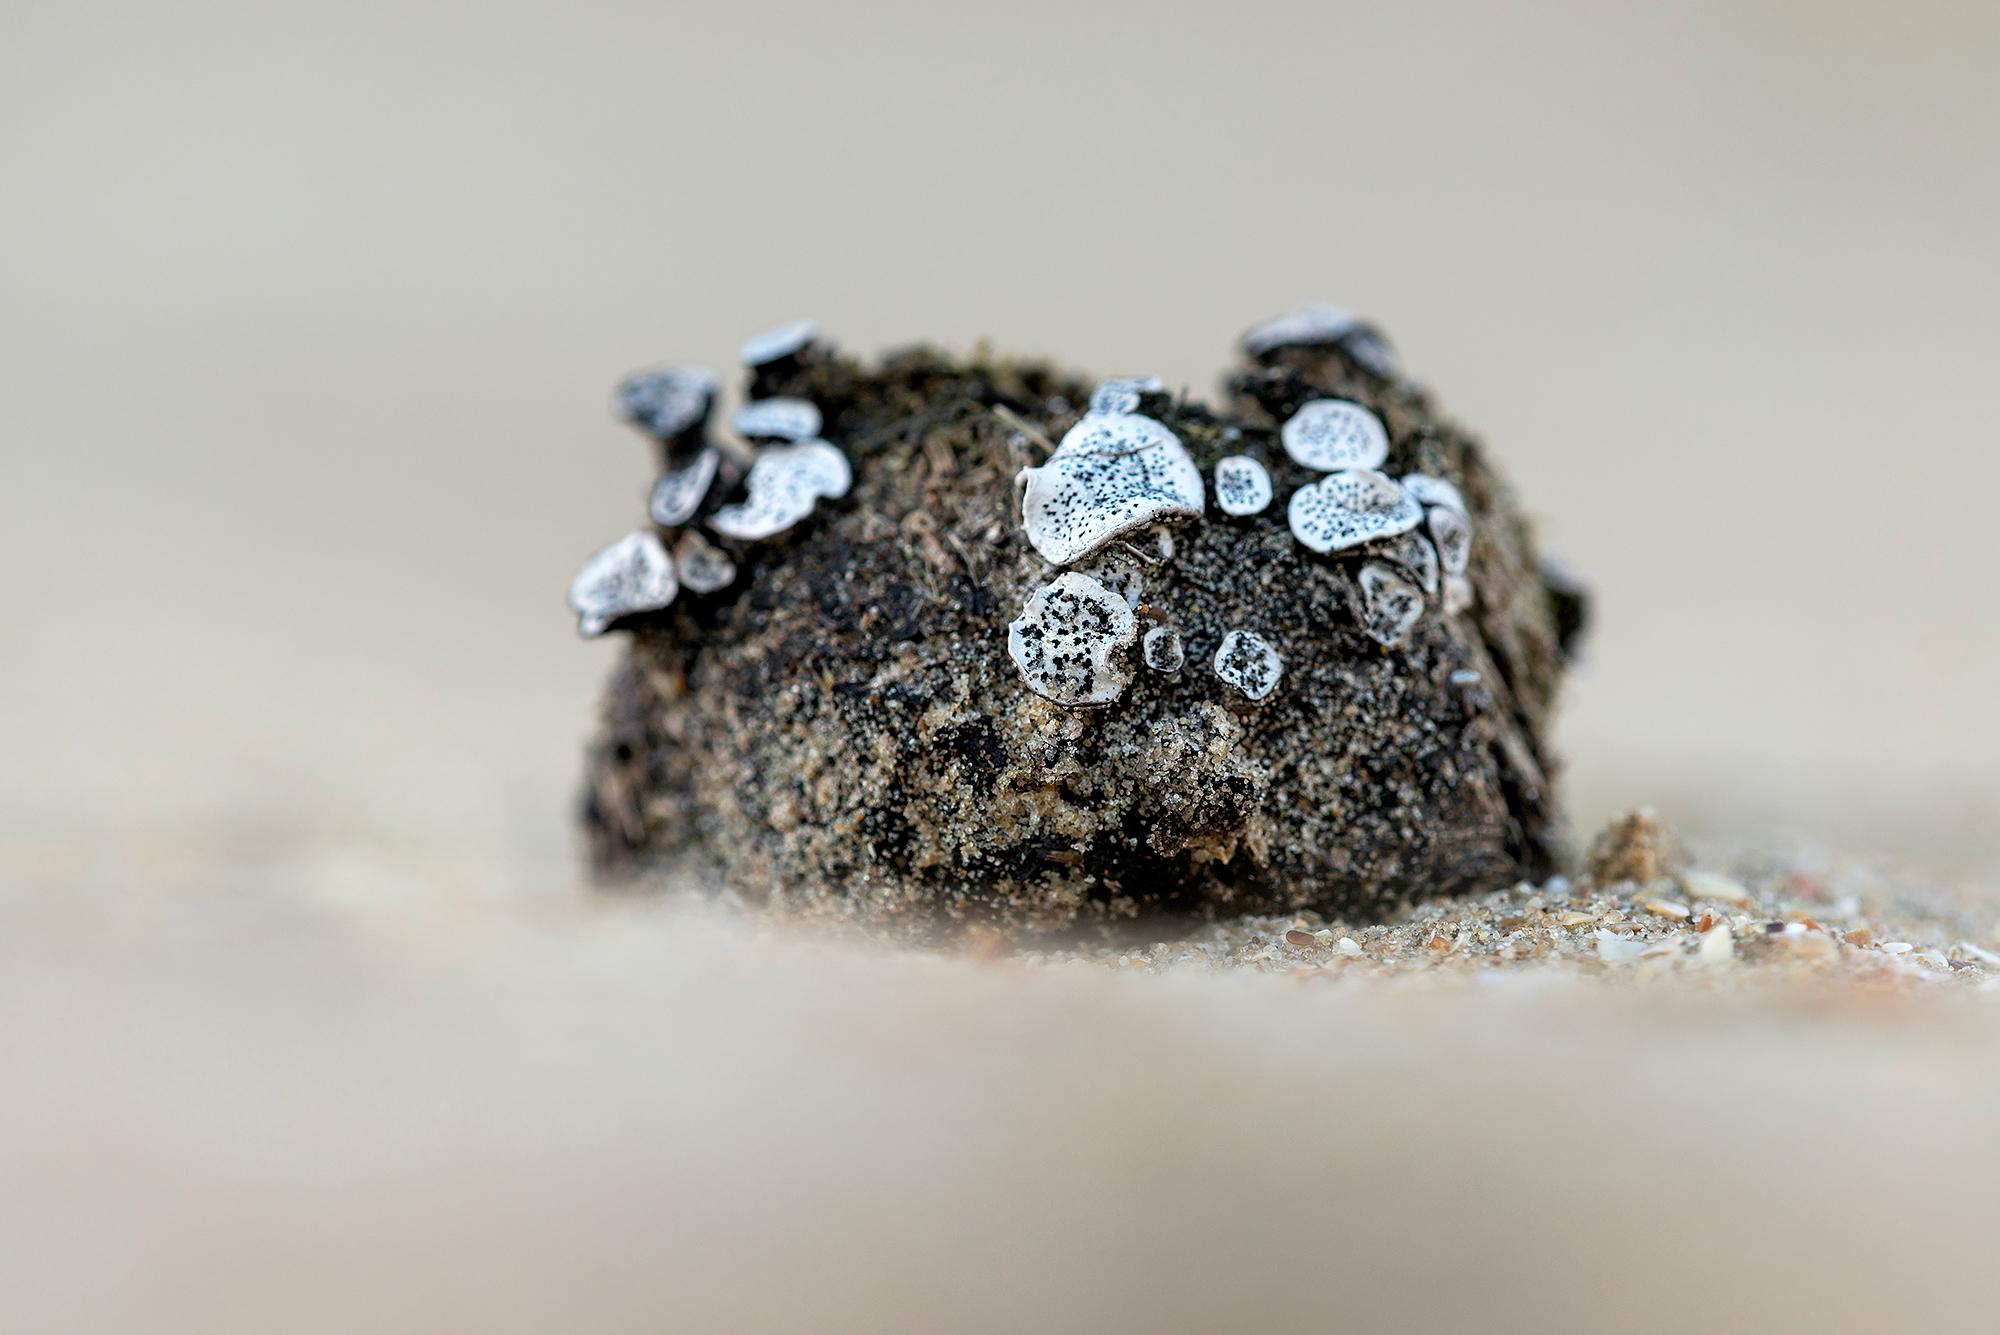 Grote speldenprikzwam (Poronia punctata)op mest in de duinen van het Nationaal Park Zuid-Kennemerland bij Bloemendaal aan Zee